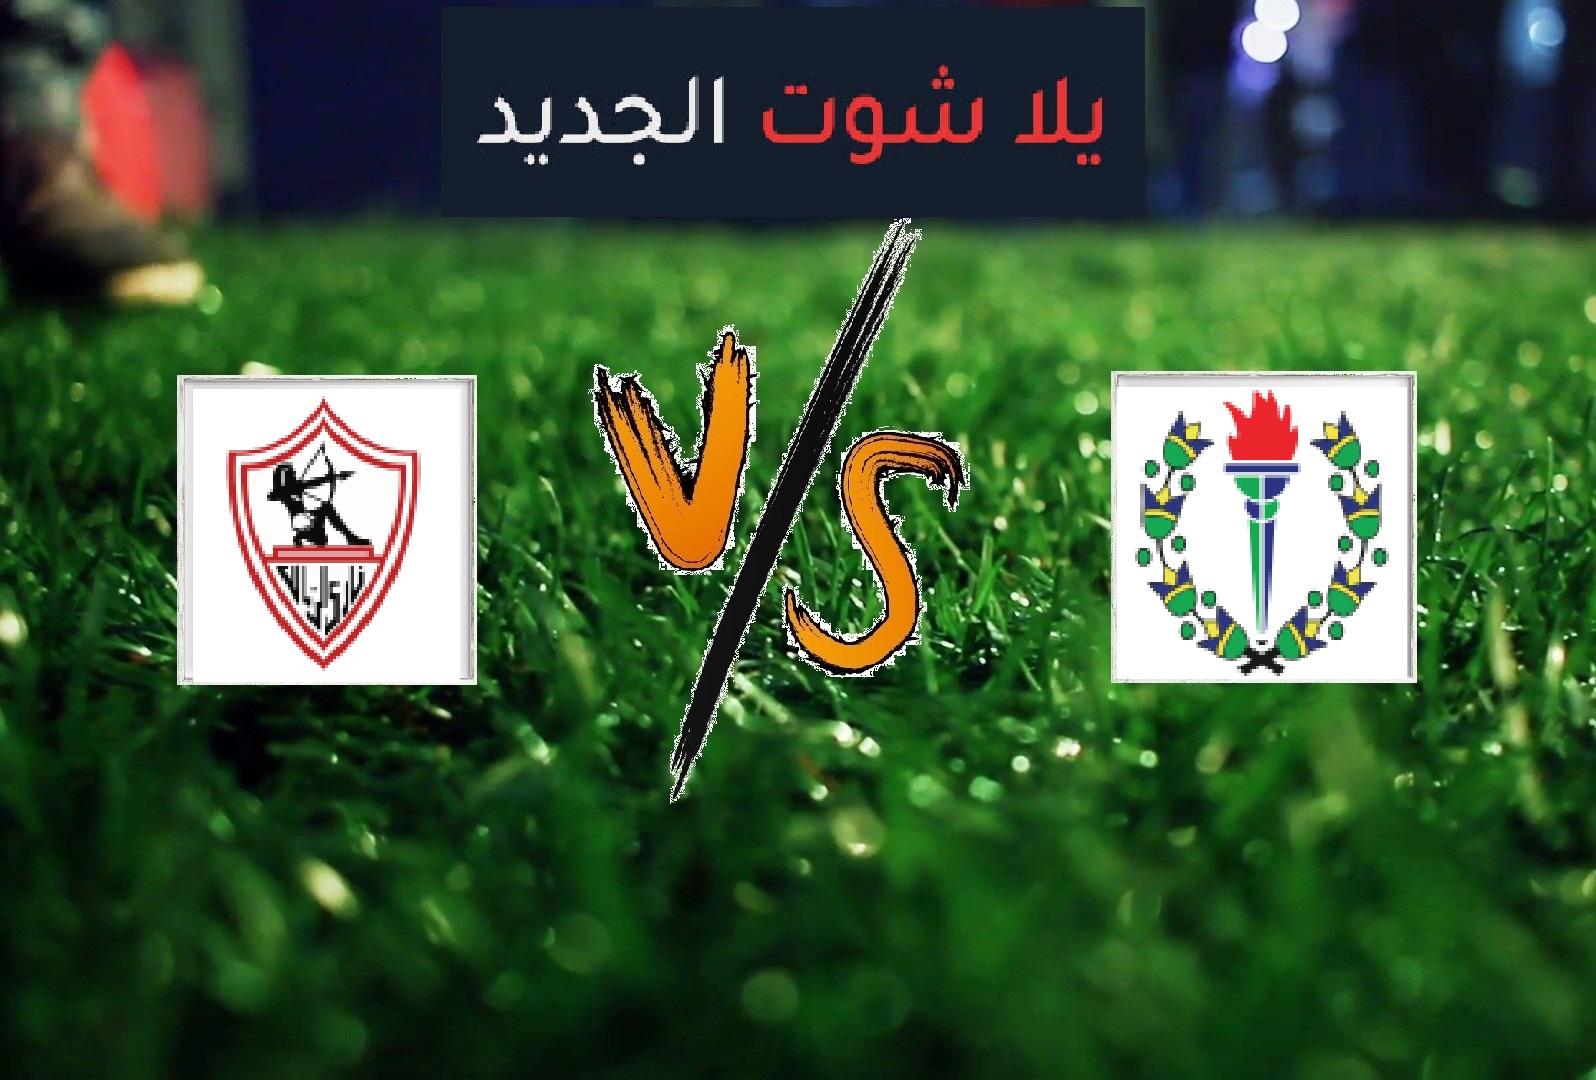 تعادل فريق الزمالك مع فريق سموحة اليوم الخميس في الجولة 26 من الدوري المصري